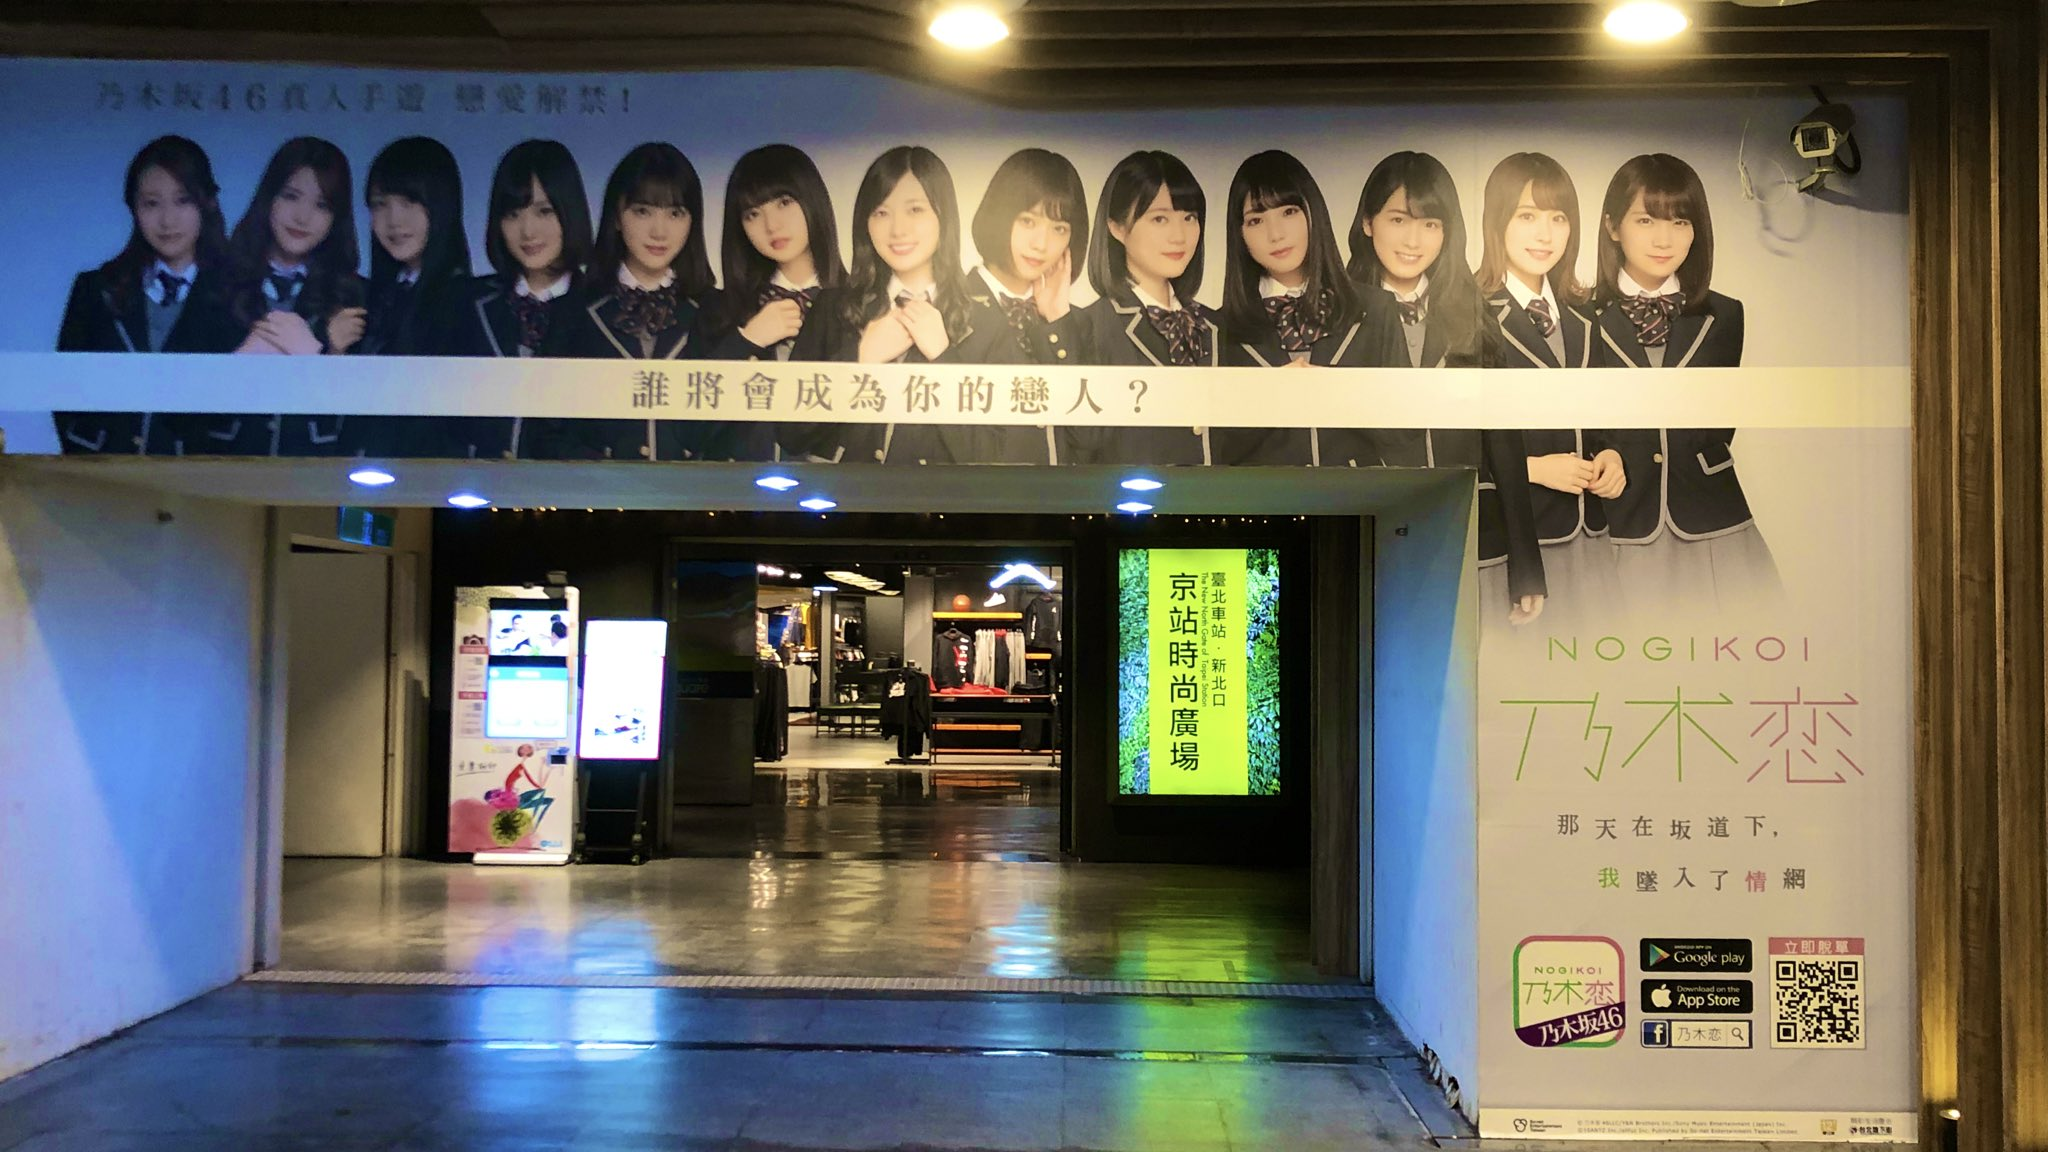 台北地下街「乃木恋」広告3